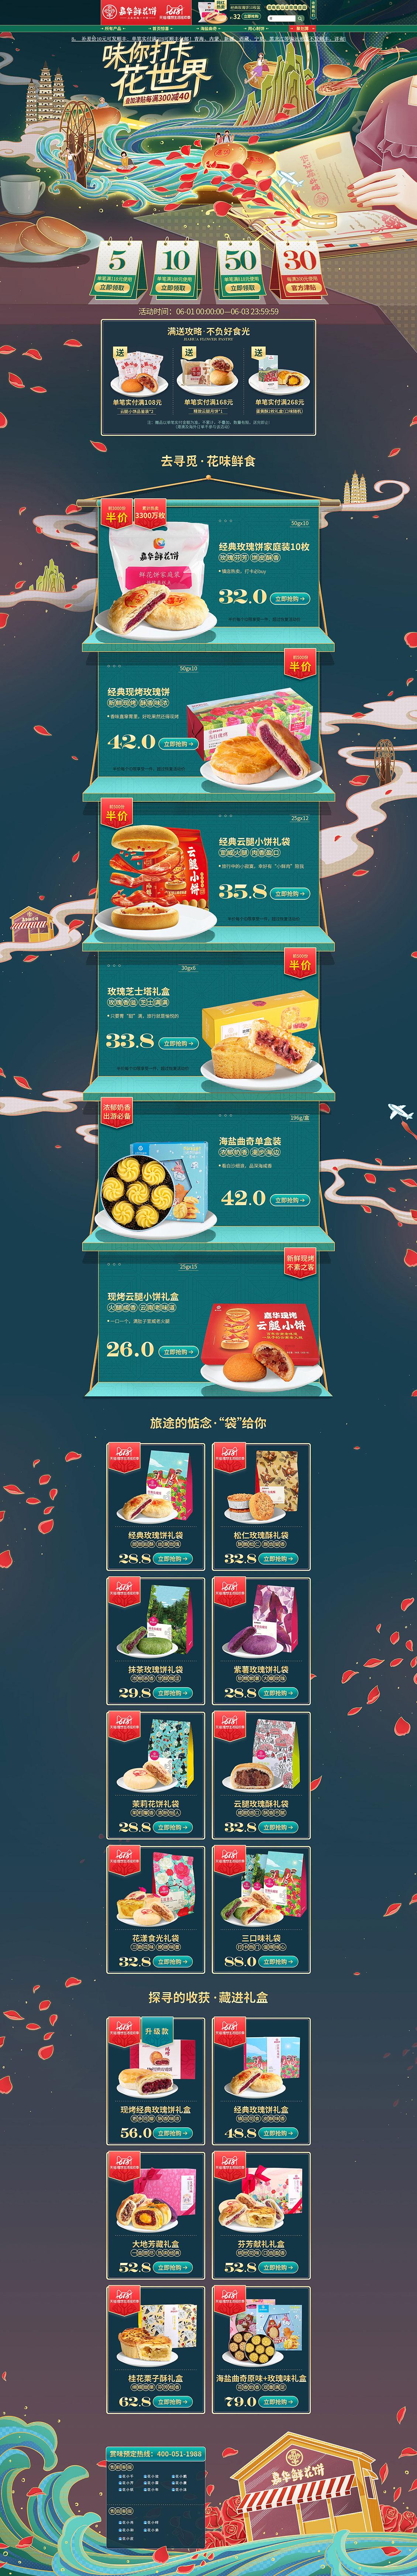 嘉华食品 零食 酒水 618年中大促 天猫店铺首页设计